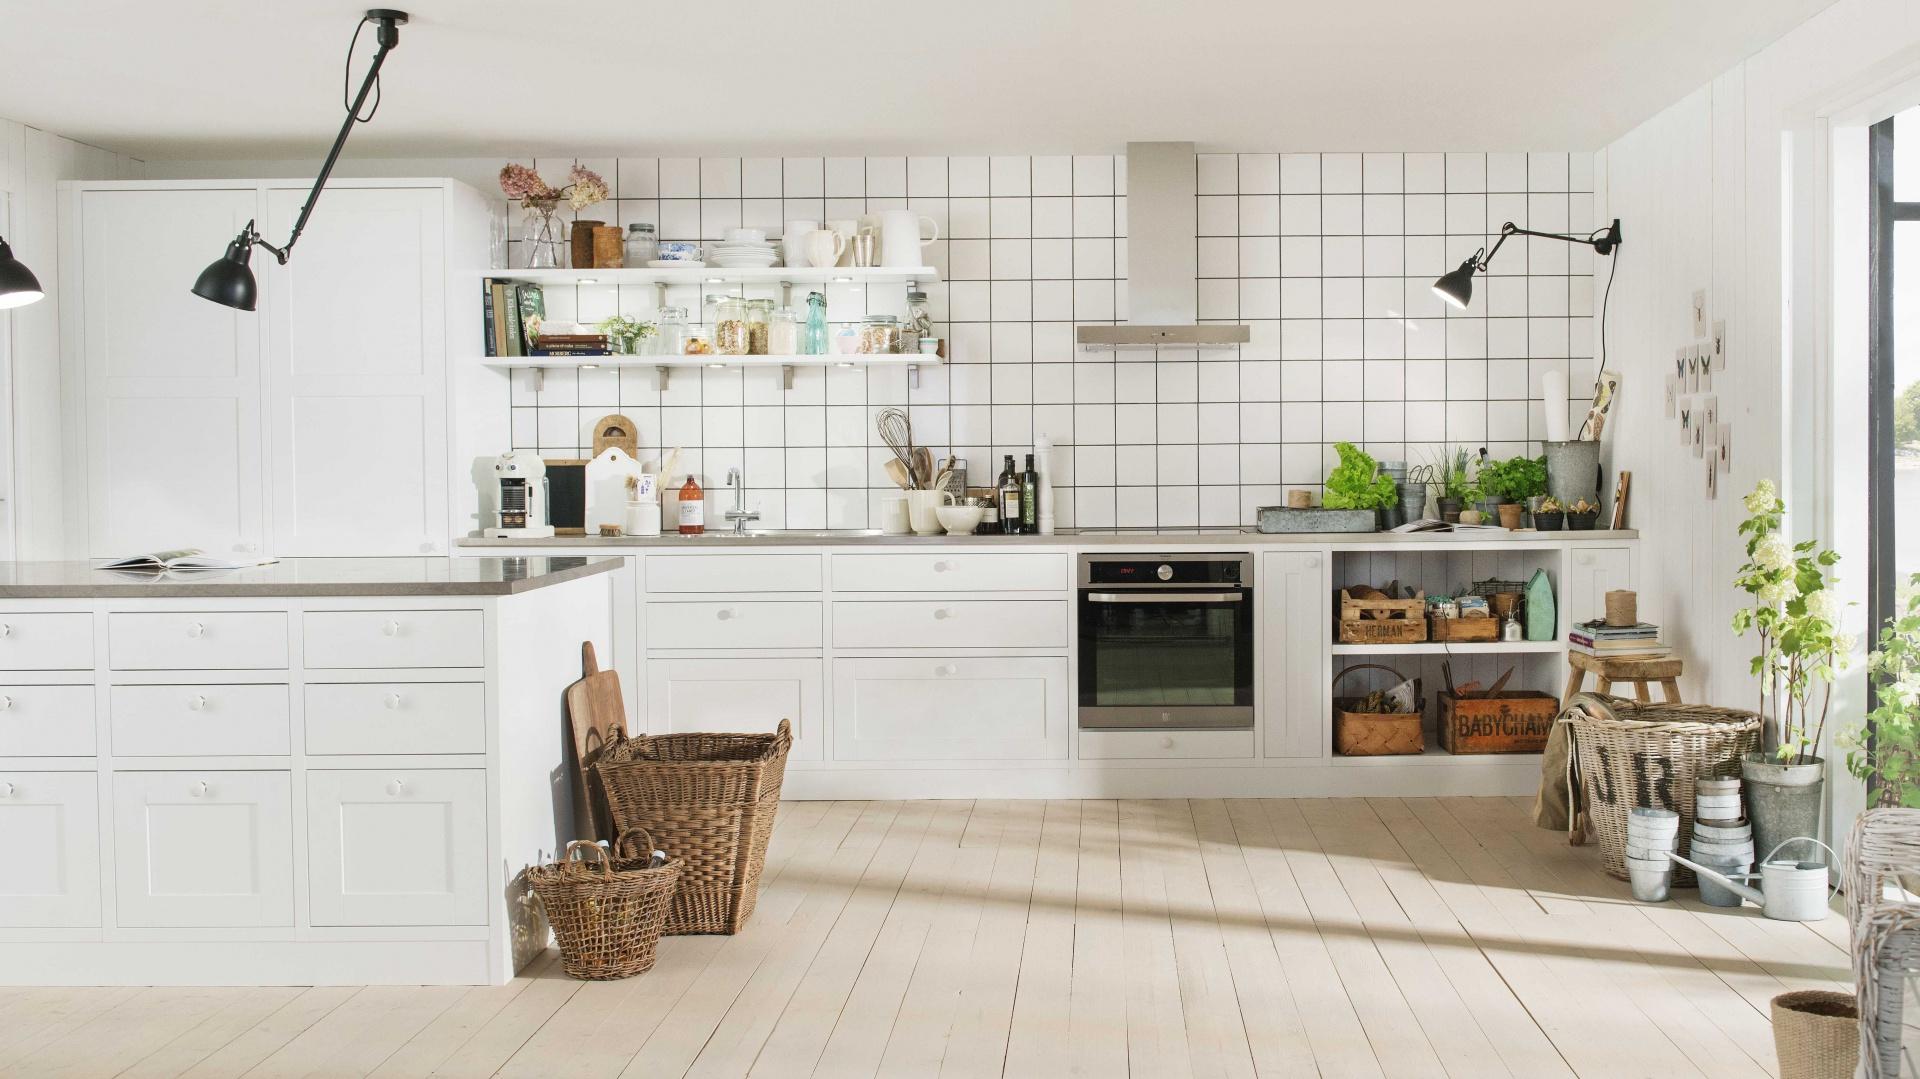 Białe meble kuchenne, jasna Kuchnia w stylu